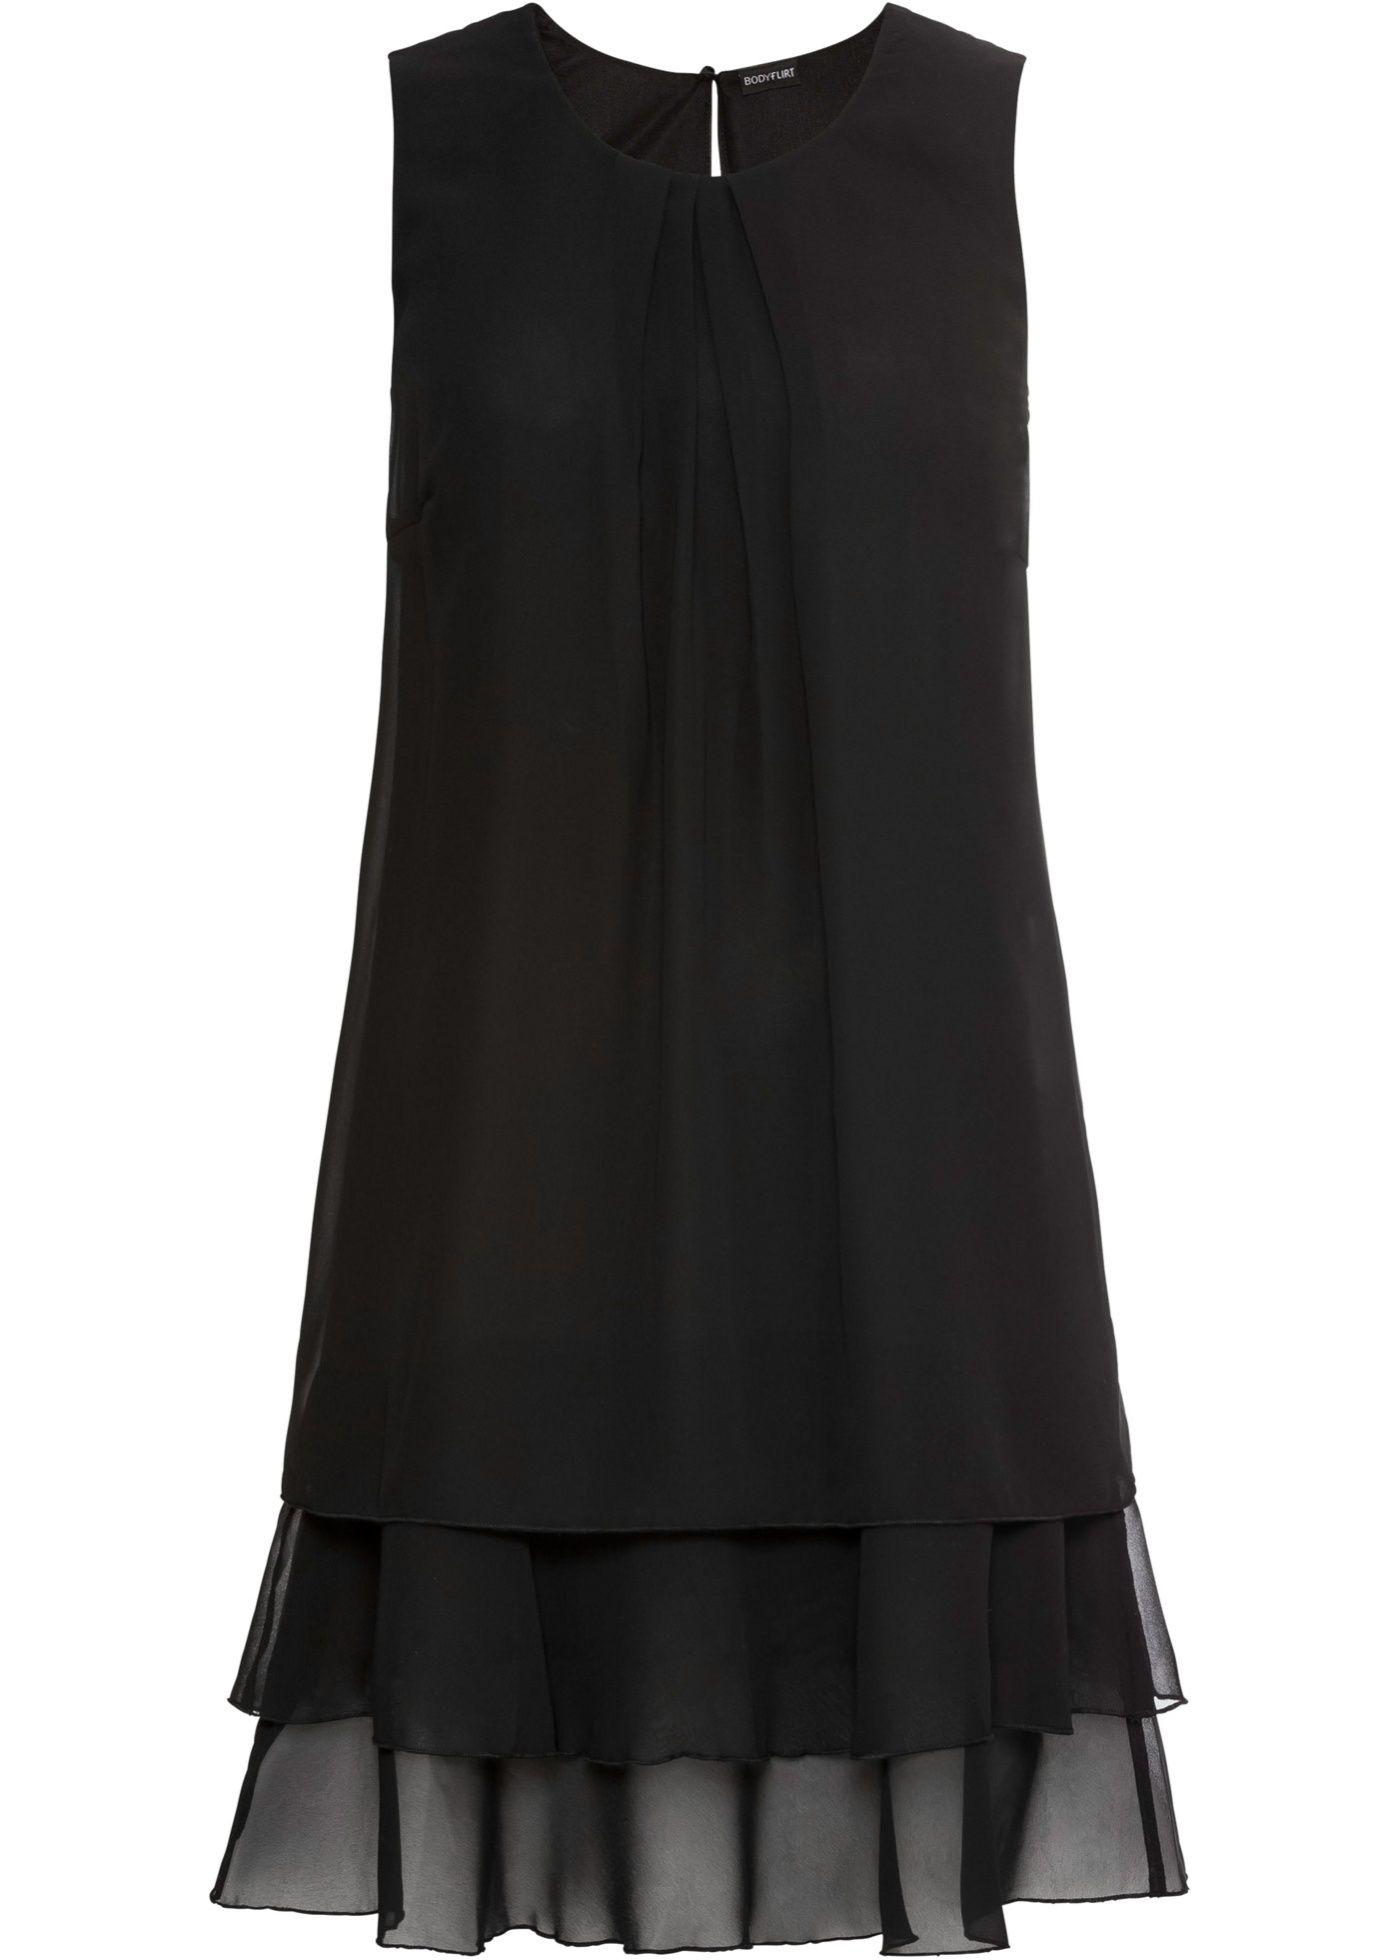 Chiffon-Kleid  Chiffon kleid, Kleider, Hübsche kleider